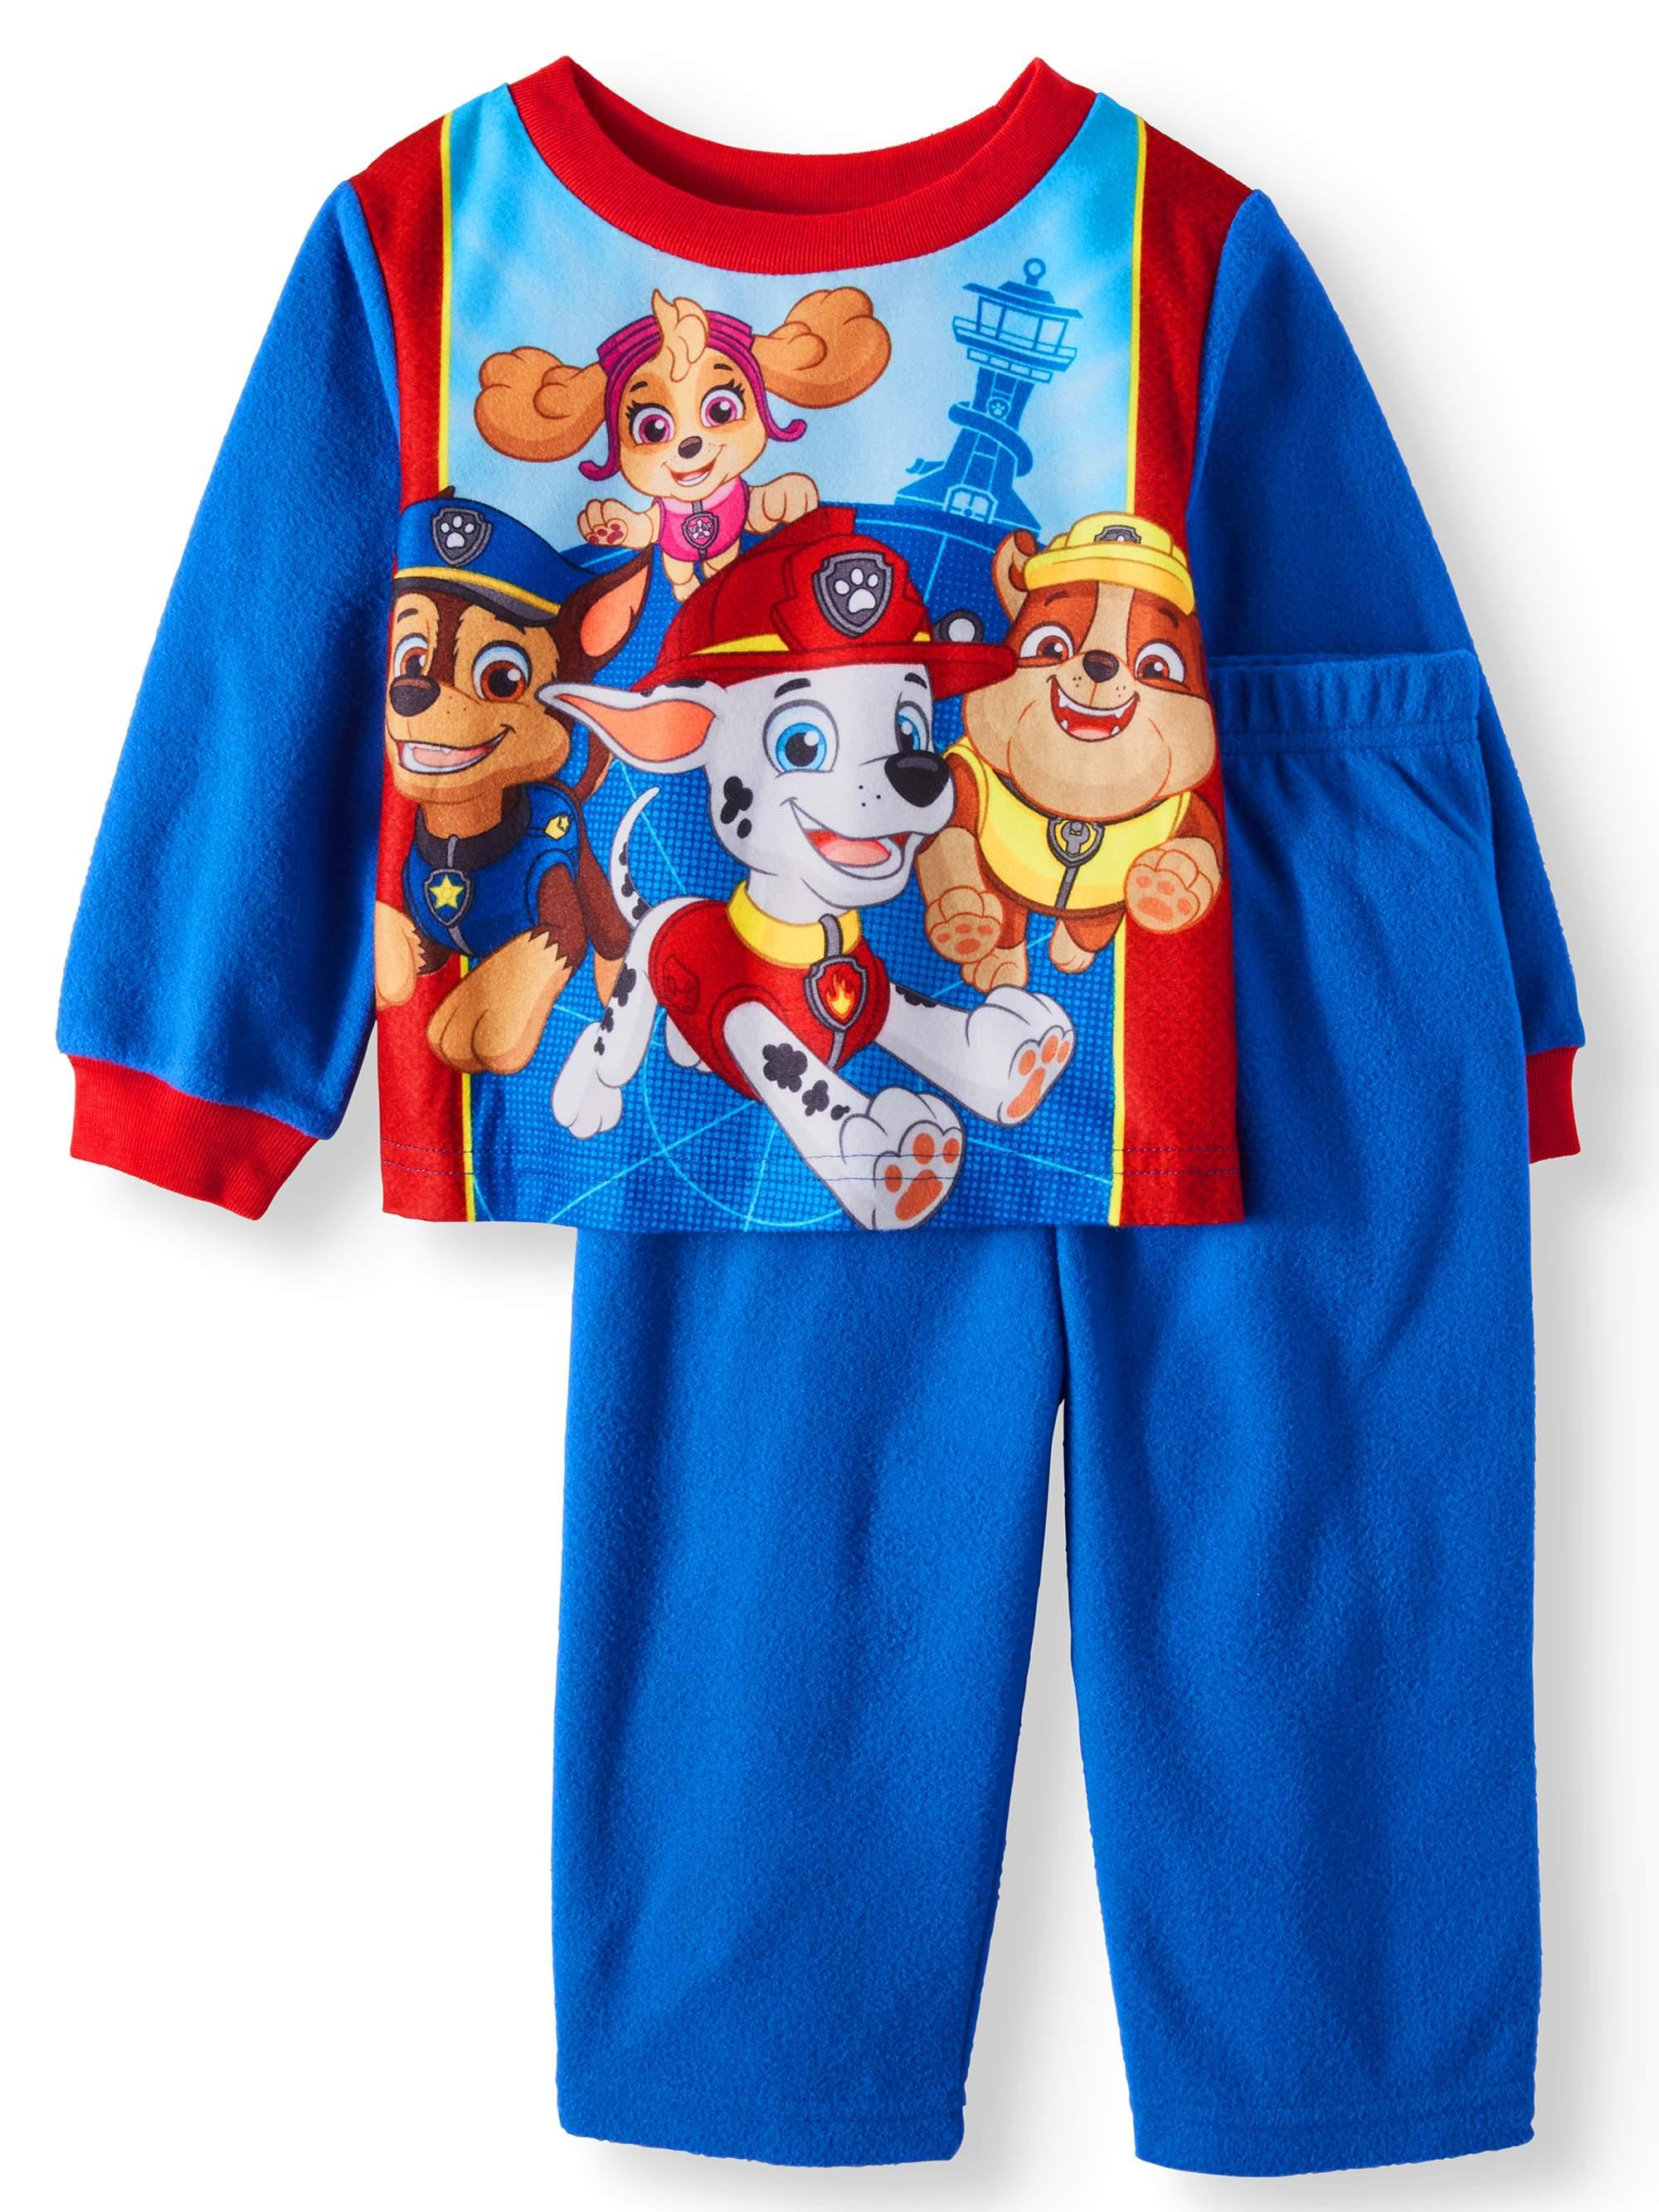 Paw Patrol Pajamas, 2pc Set (Toddler Boys)